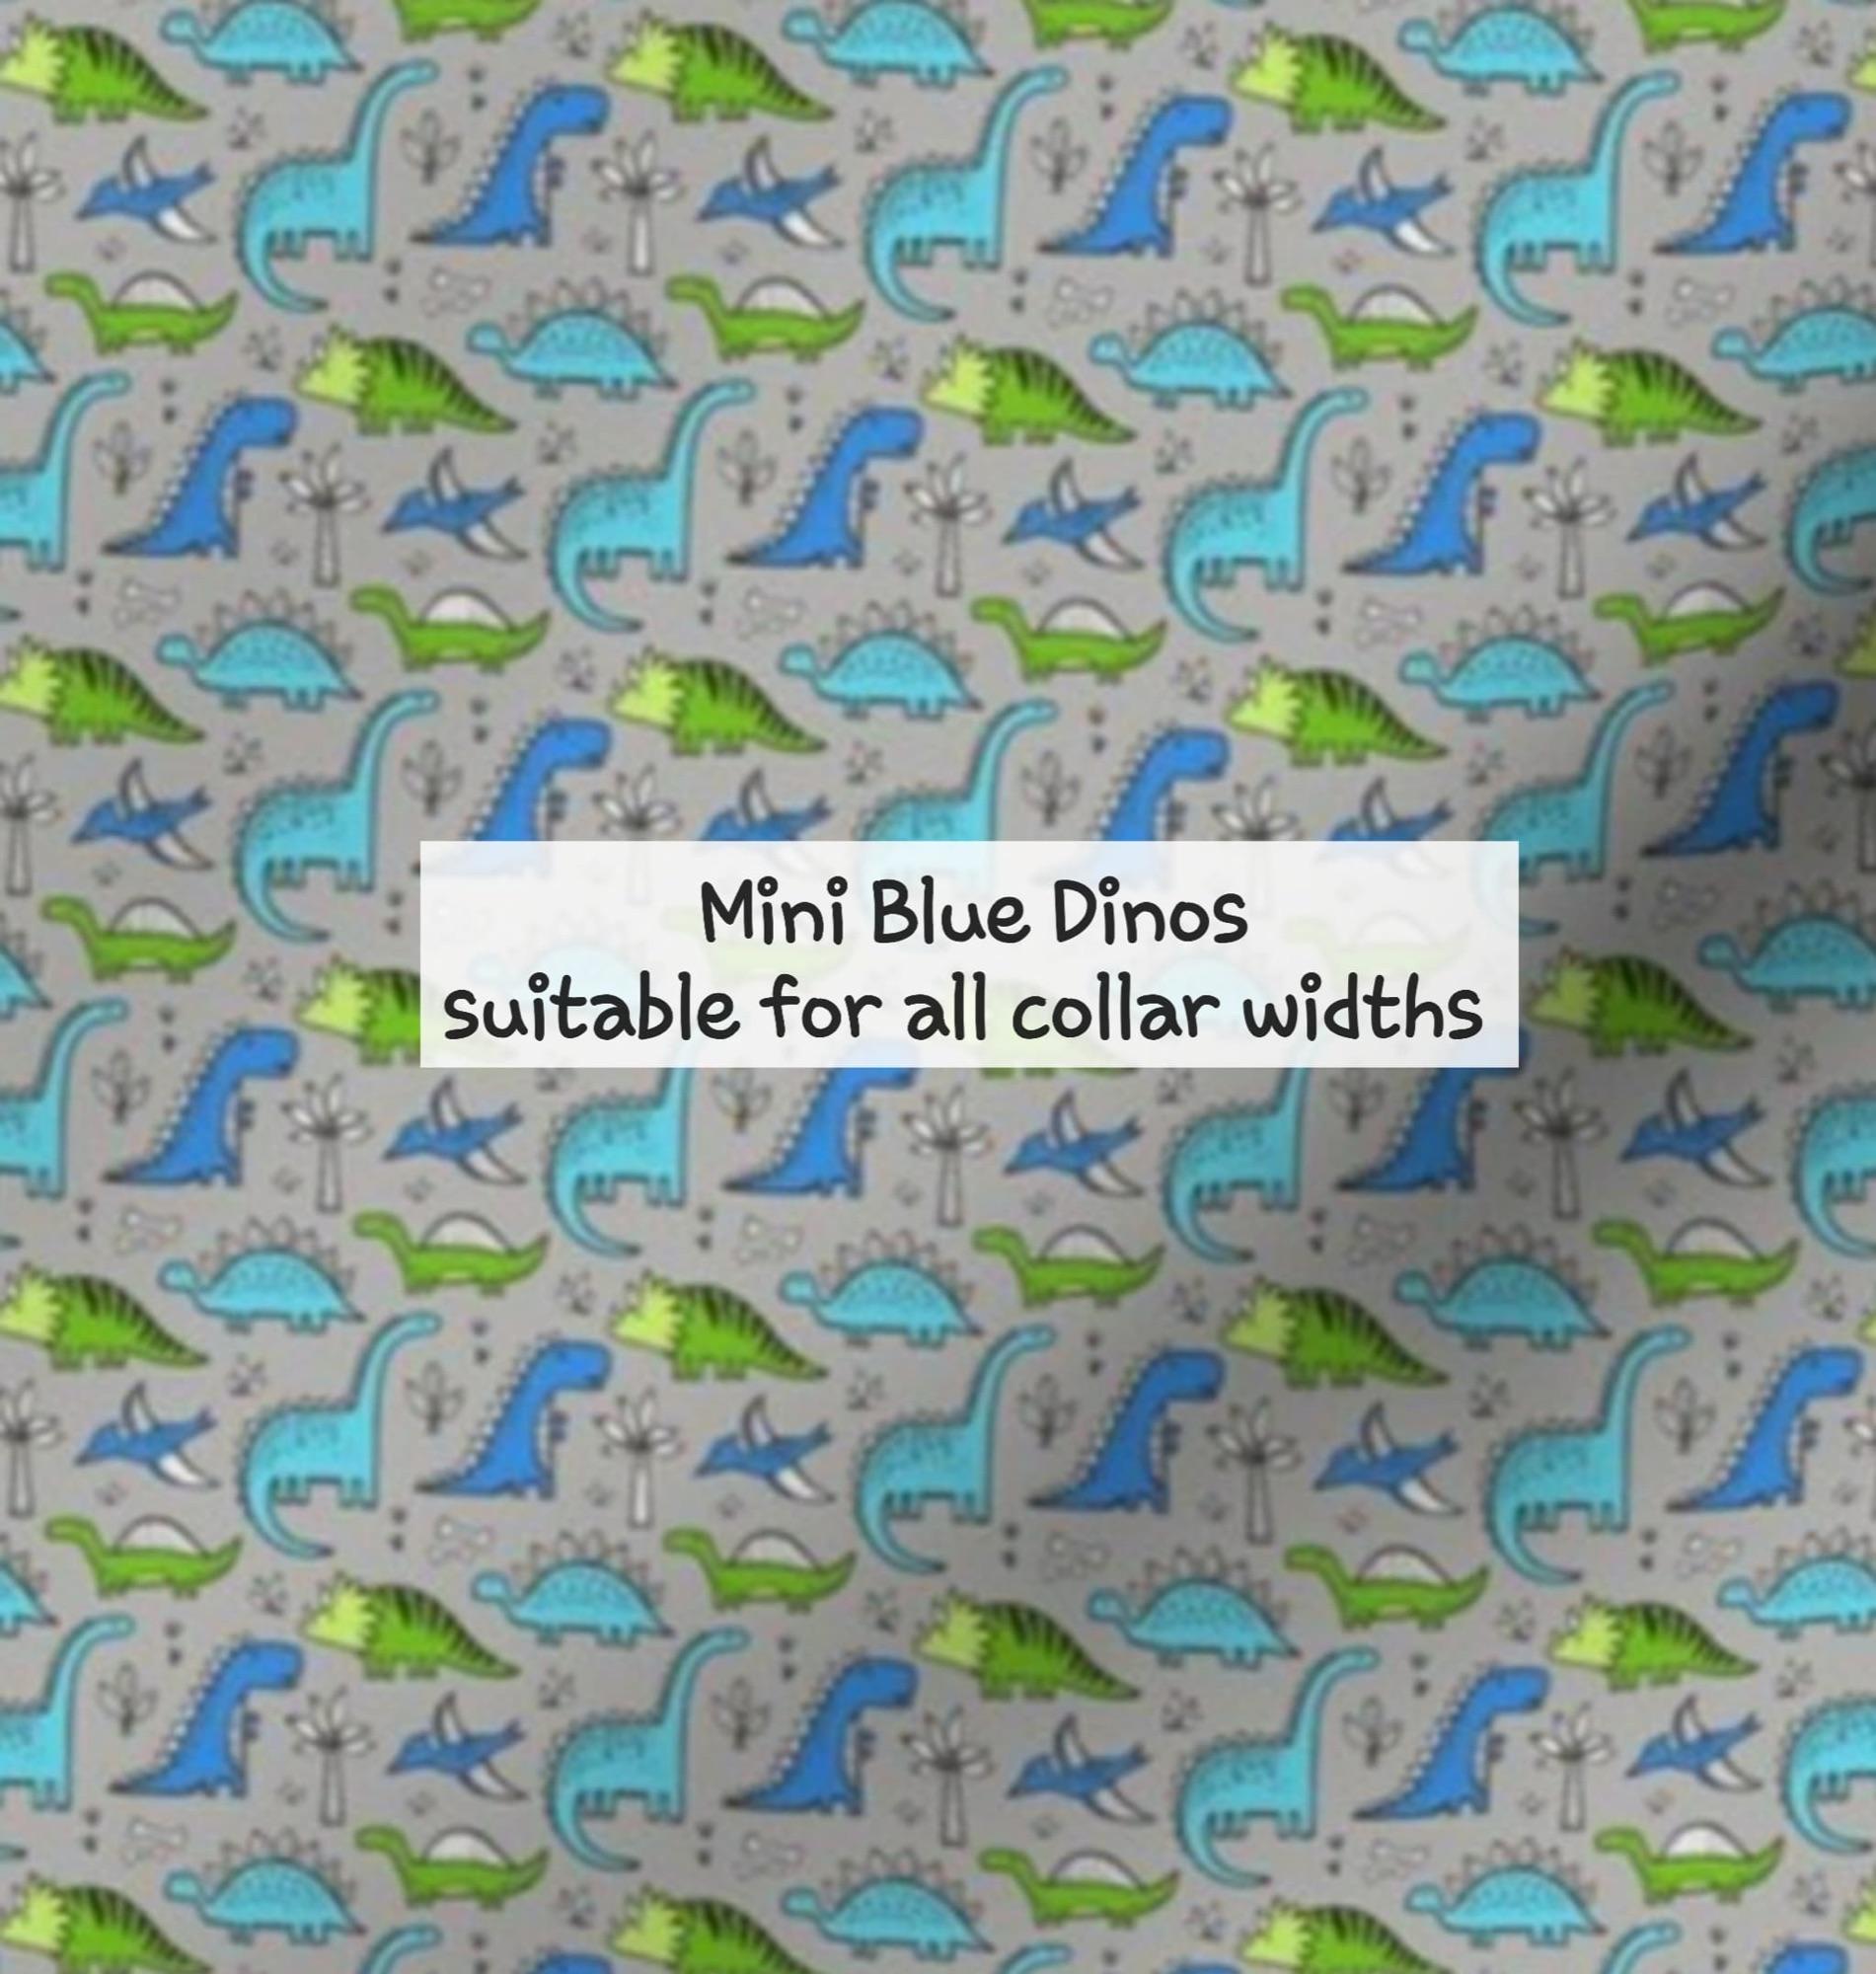 mini blue dinos